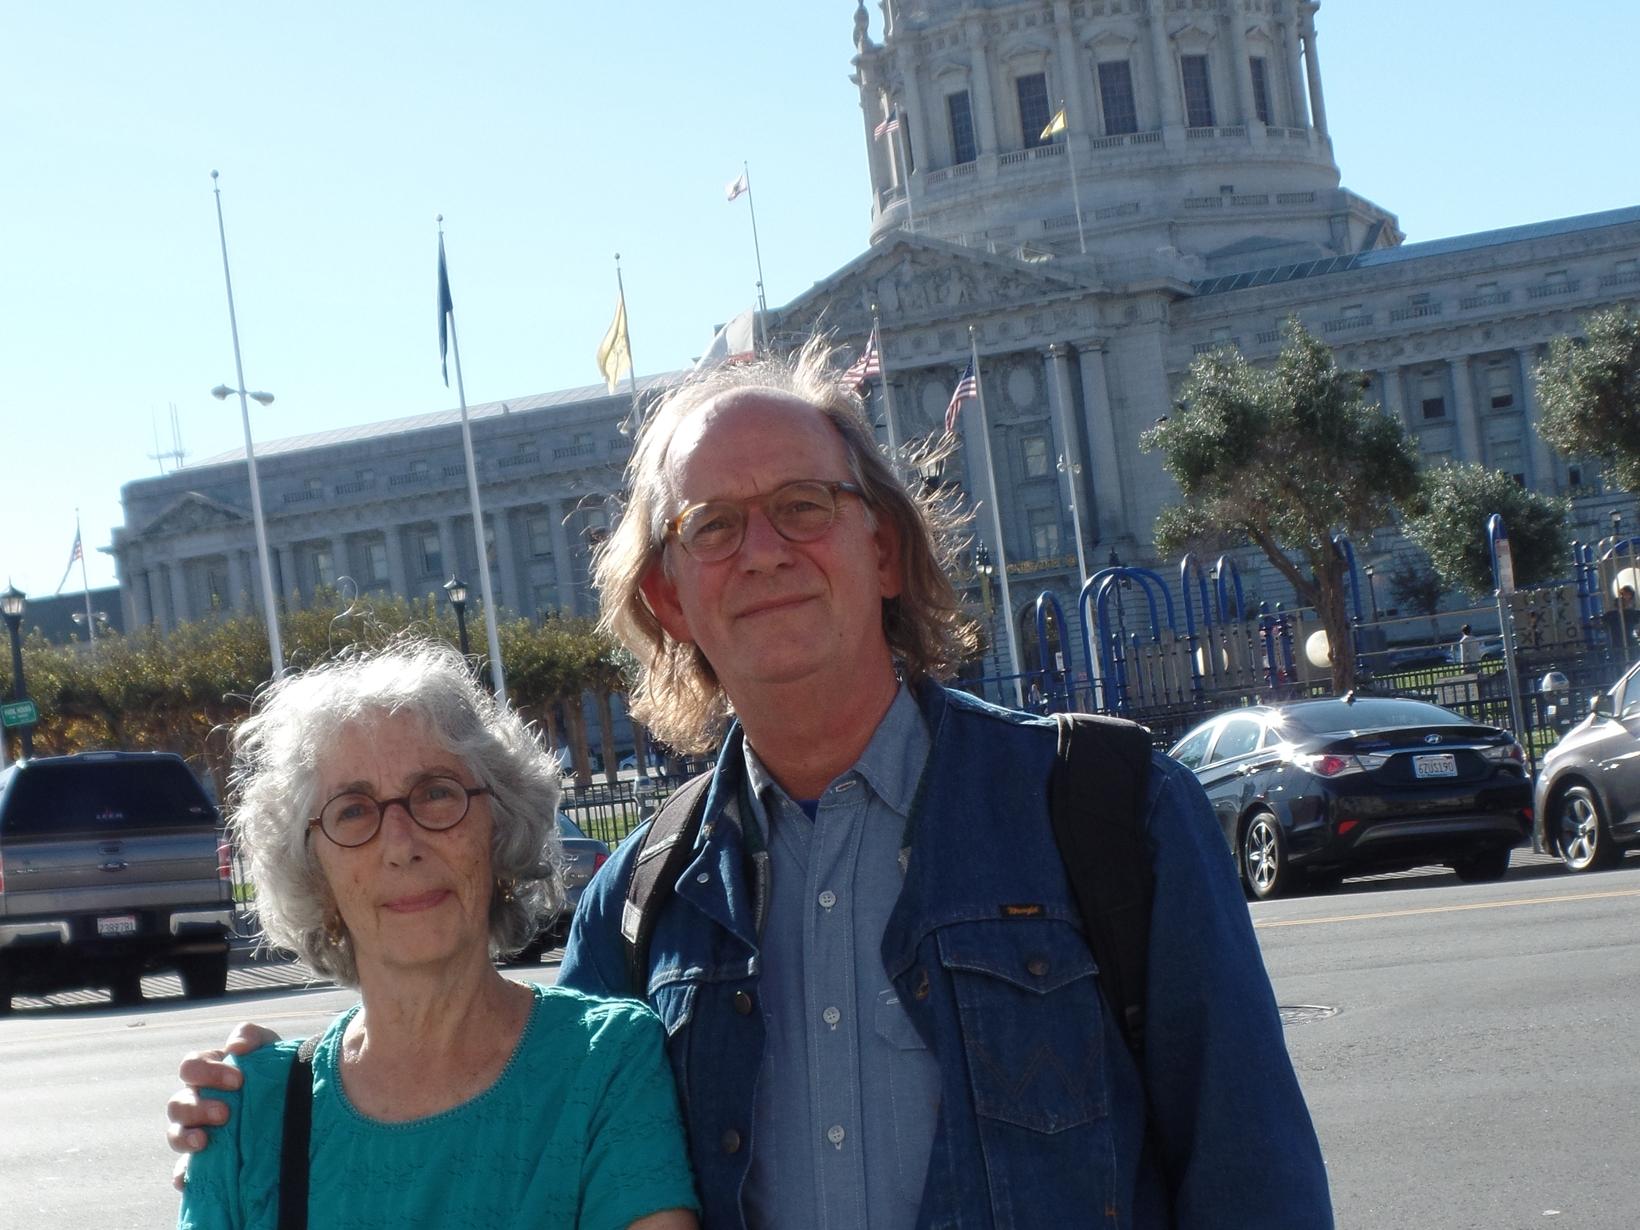 Susan & Loek from Leeuwarden, Netherlands